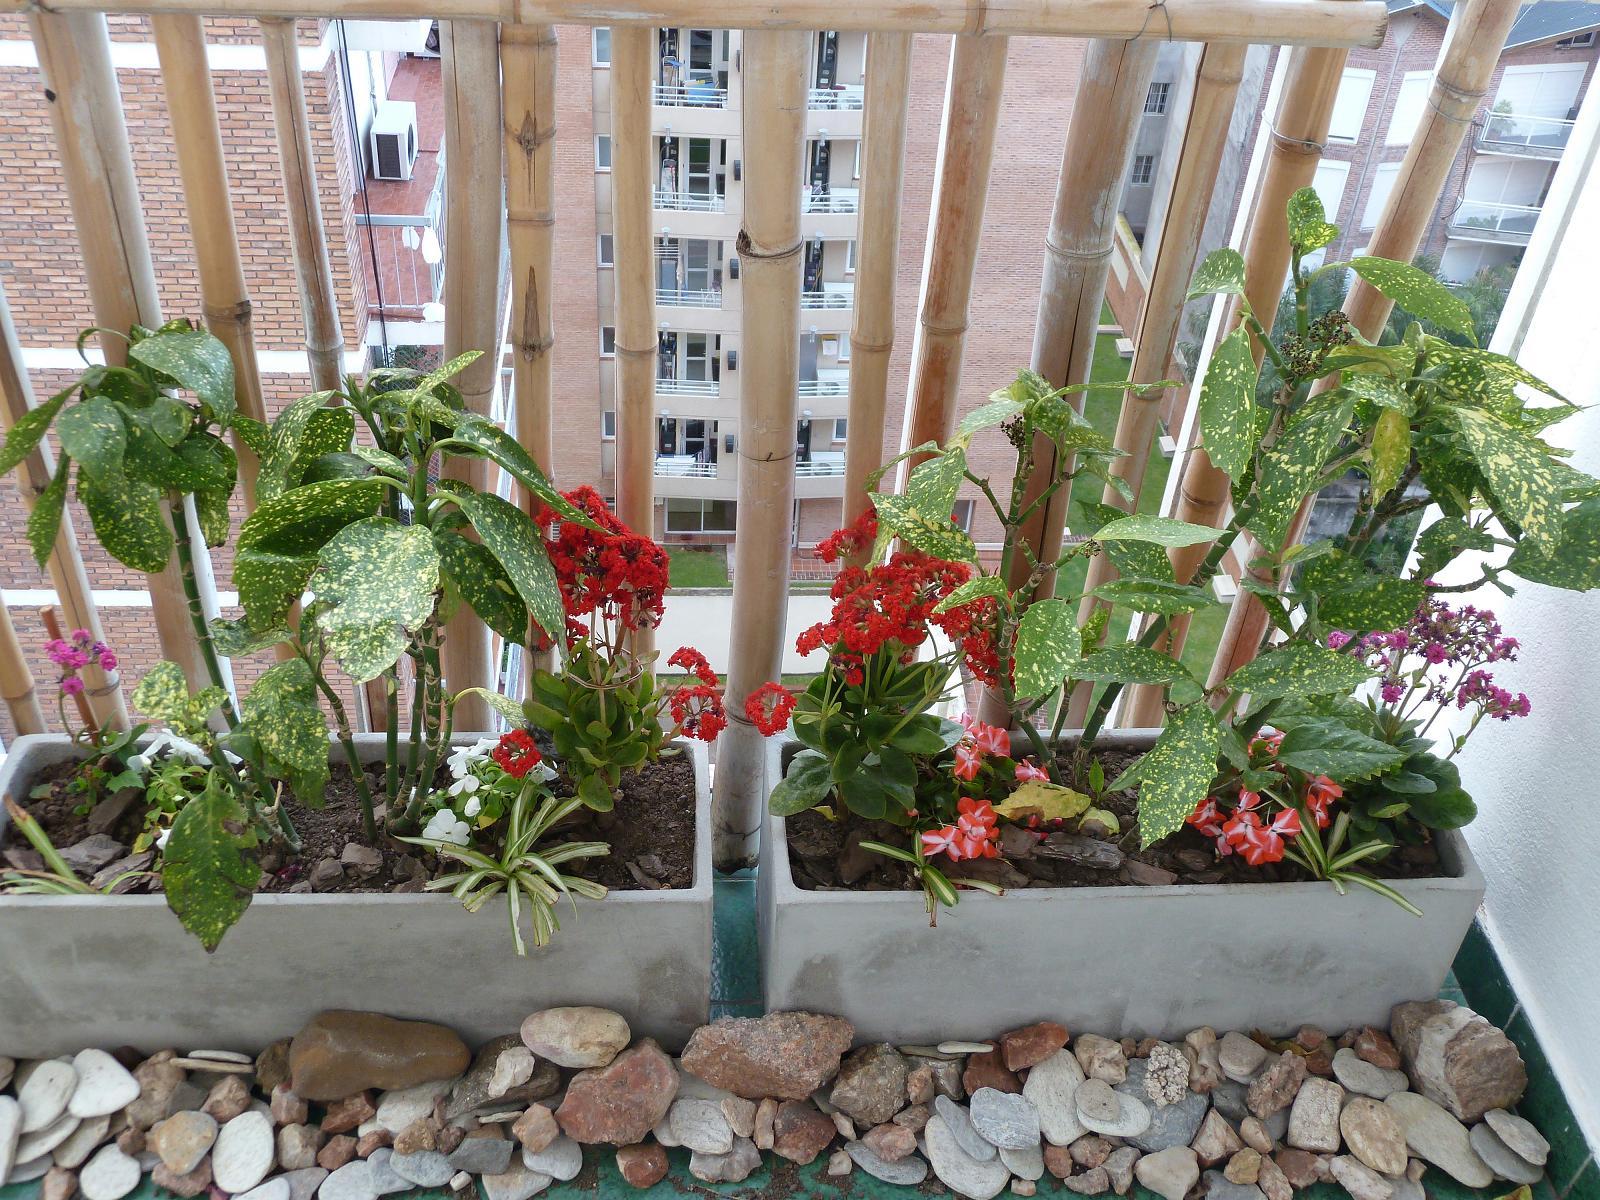 Los invito a pasear por mi jard n terrazas con flores for Arboles altos para jardin